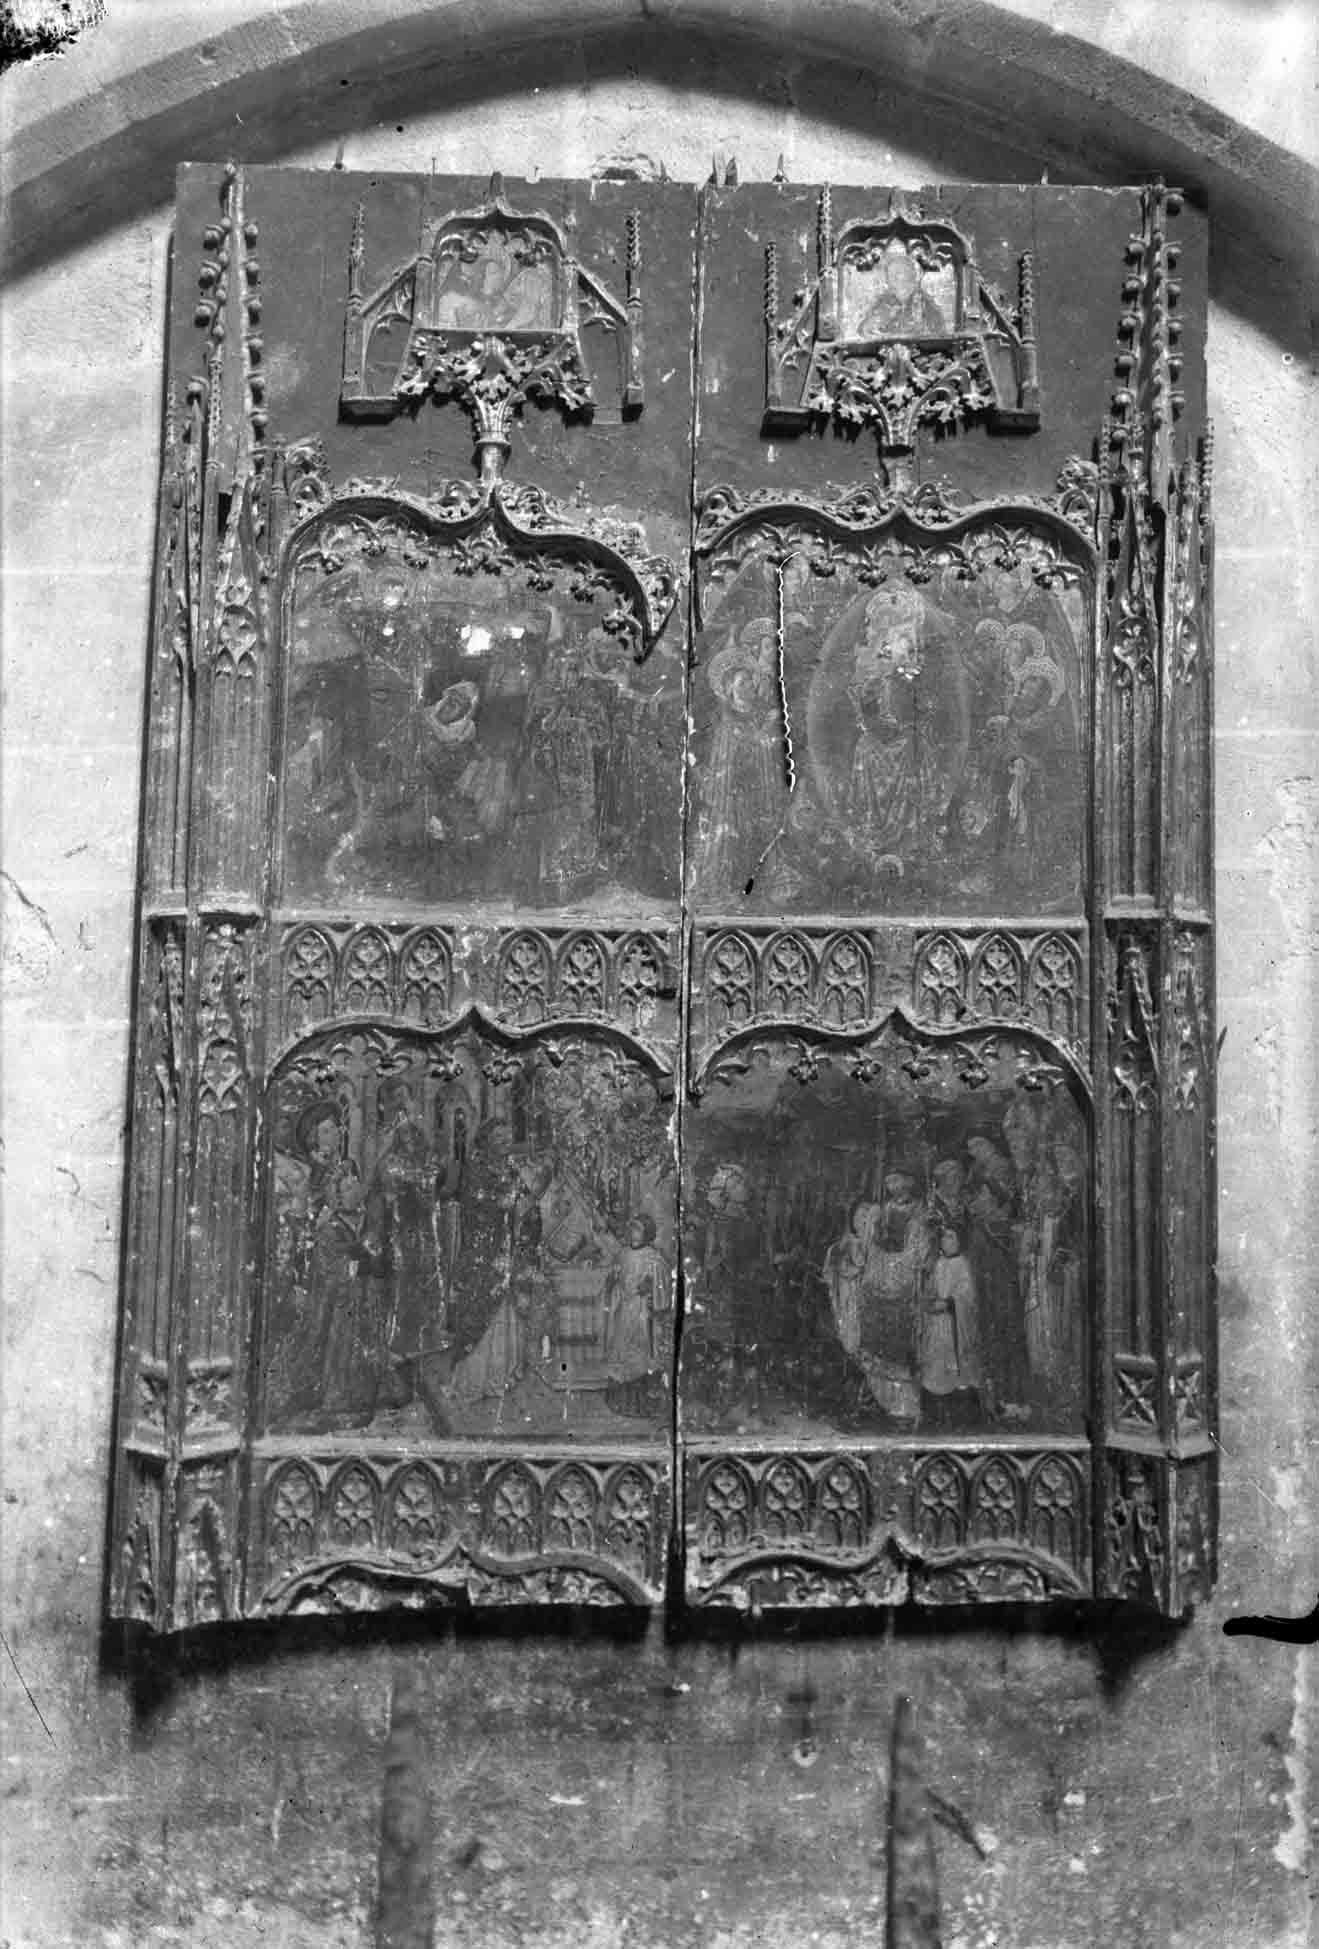 Vista frontal d'un fragment del retaule gòtic de Sant Miquel de la basílica de Santa Maria, a Castelló d'Empúries, entre els anys 1942 i 1944 (ACGAX. Fons Sadurní Brunet Pi. Autor: Sadurní Brunet)